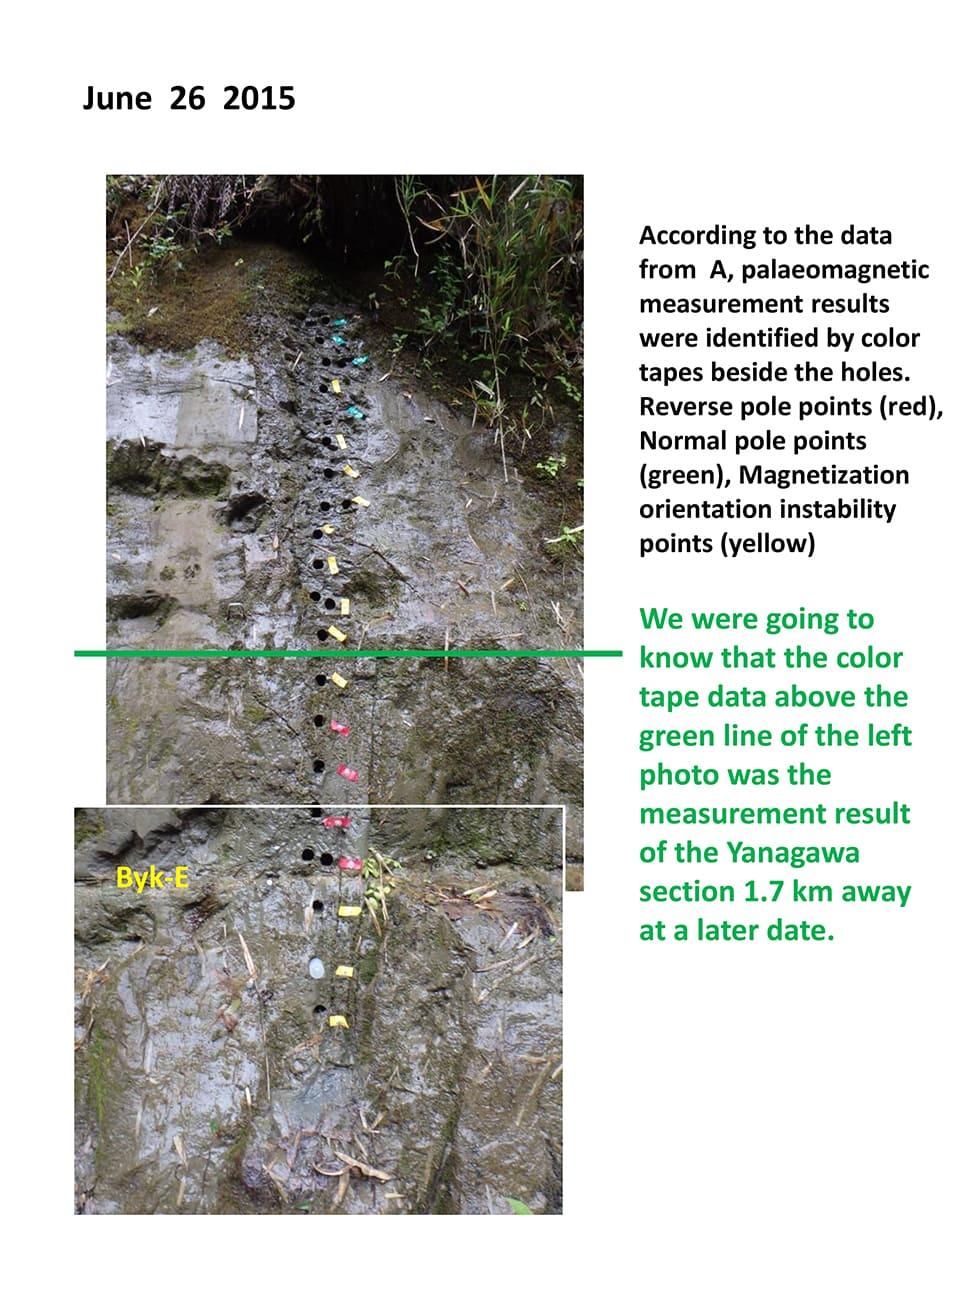 2015年6月26日 Oからのデータに従い孔の脇に古地磁気測定結果を色テープで識別(赤:逆磁極点、黄:磁化方位不安定点、緑:正磁極点)。 左写真の緑線より上の色テープのデータが1.7km離れた柳川セクションの測定結果であることを後日知る事になる。